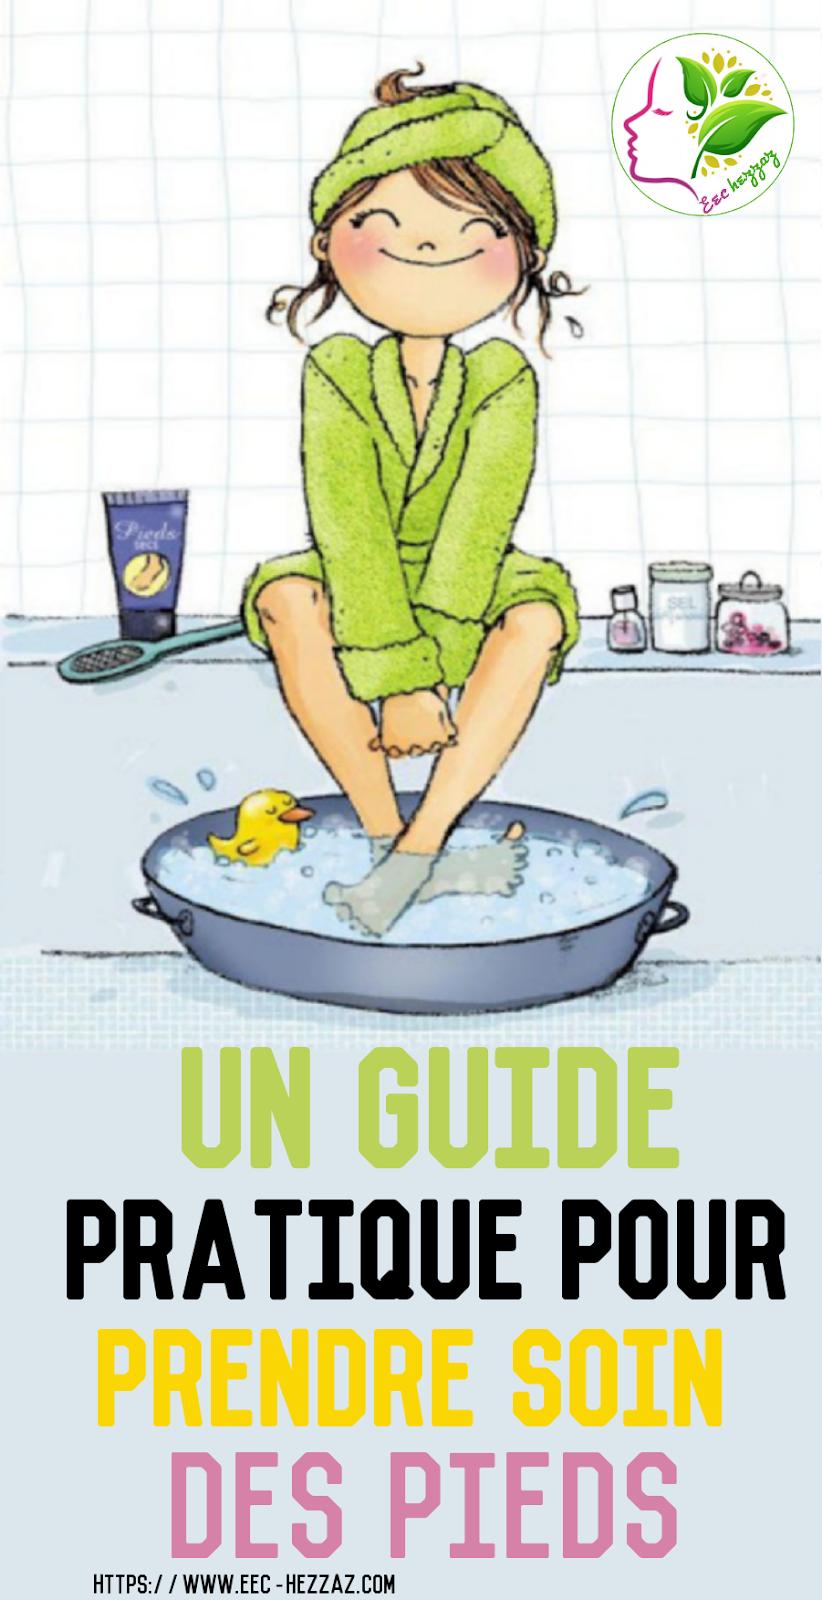 Un guide pratique pour prendre soin des pieds